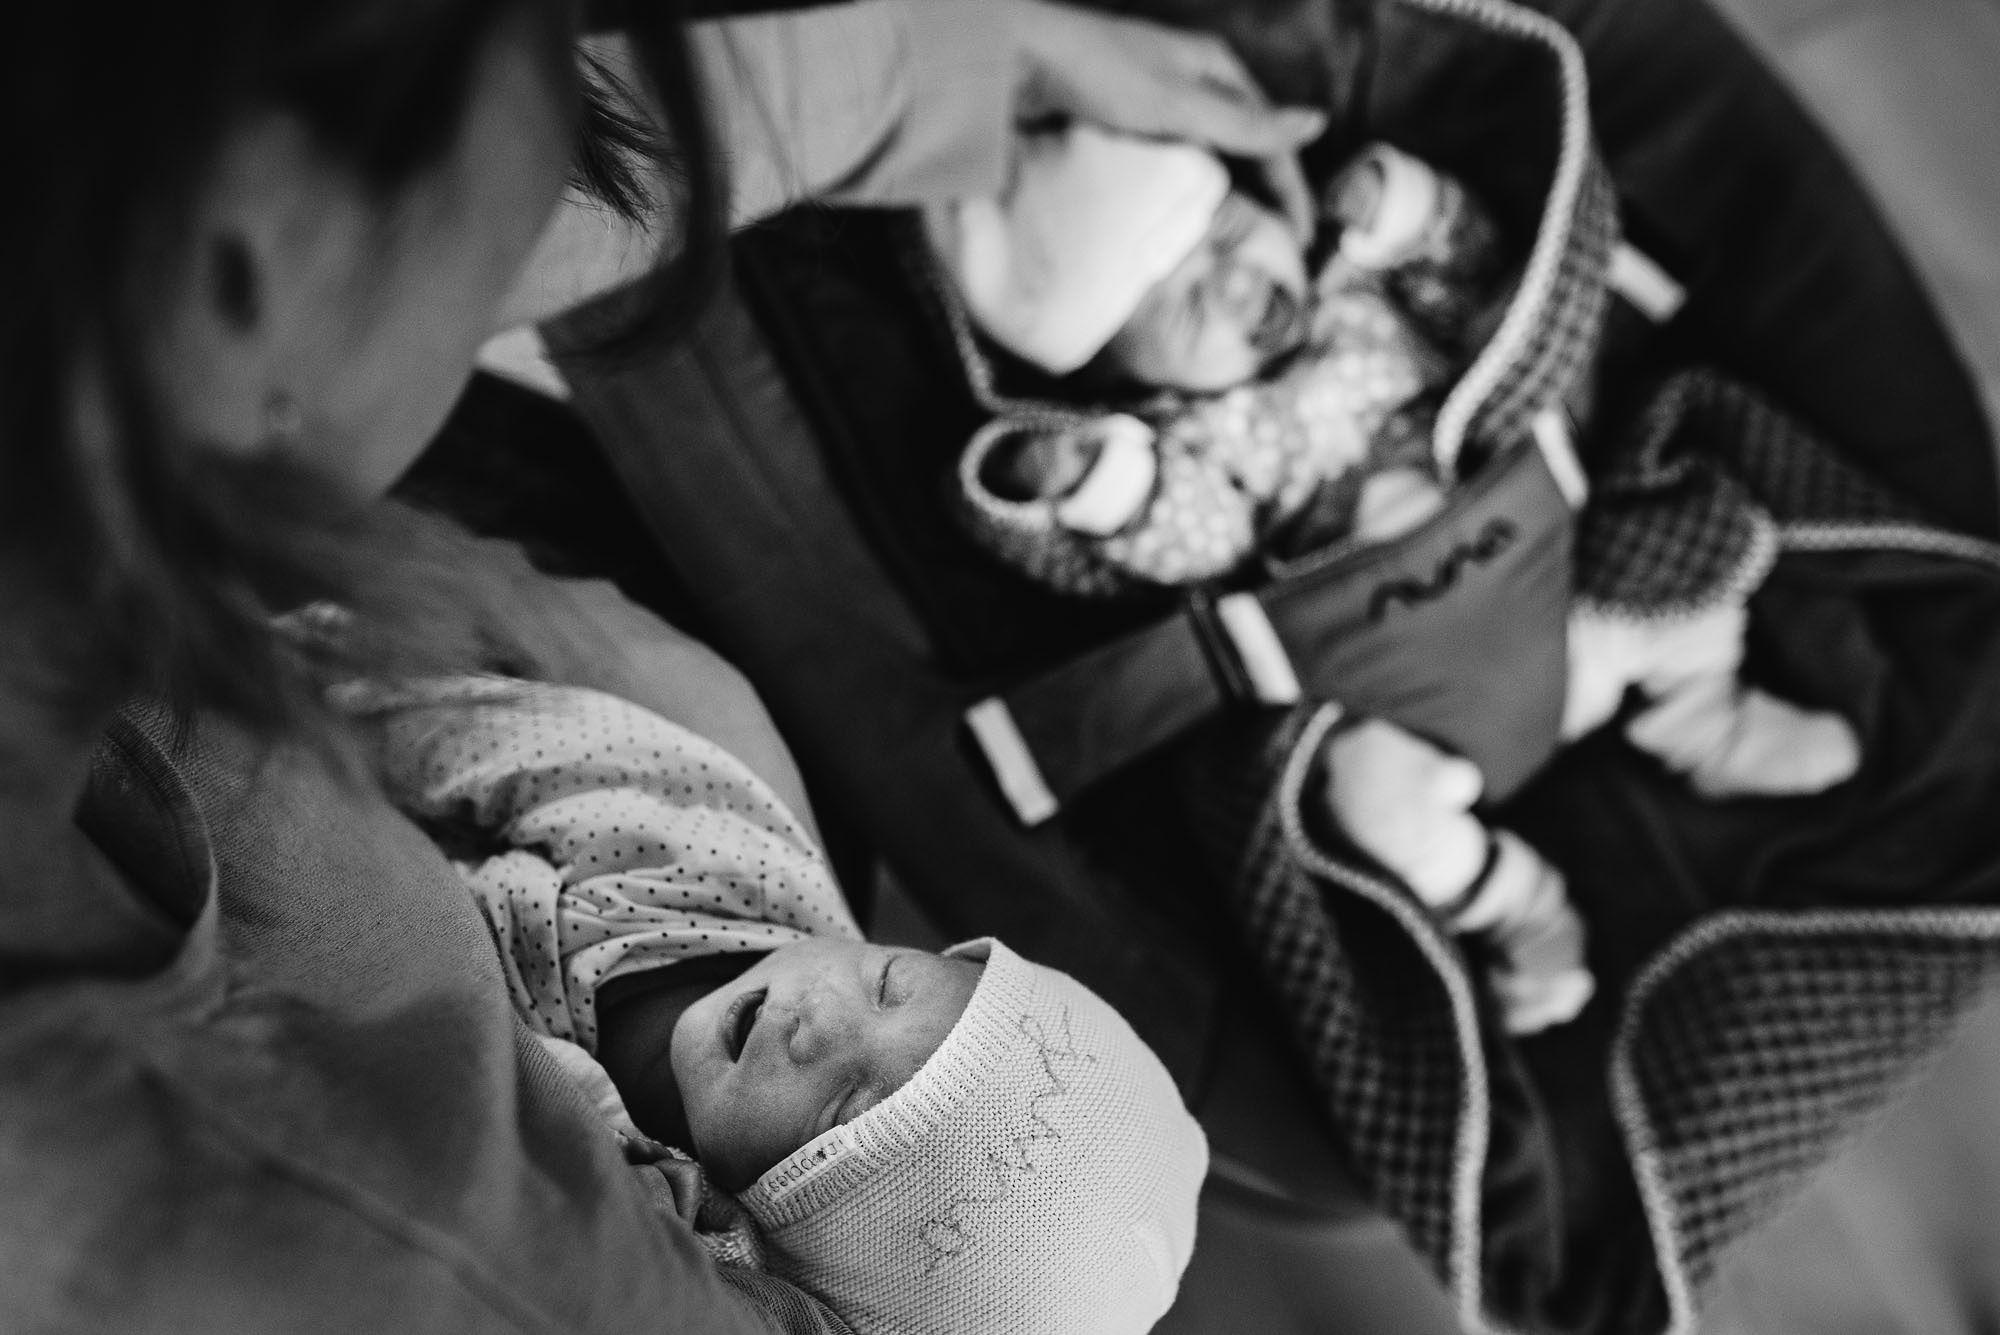 Newborn fotografie ongeposeerd tweeling newbornfotograaf Eindhoven 015.jpg